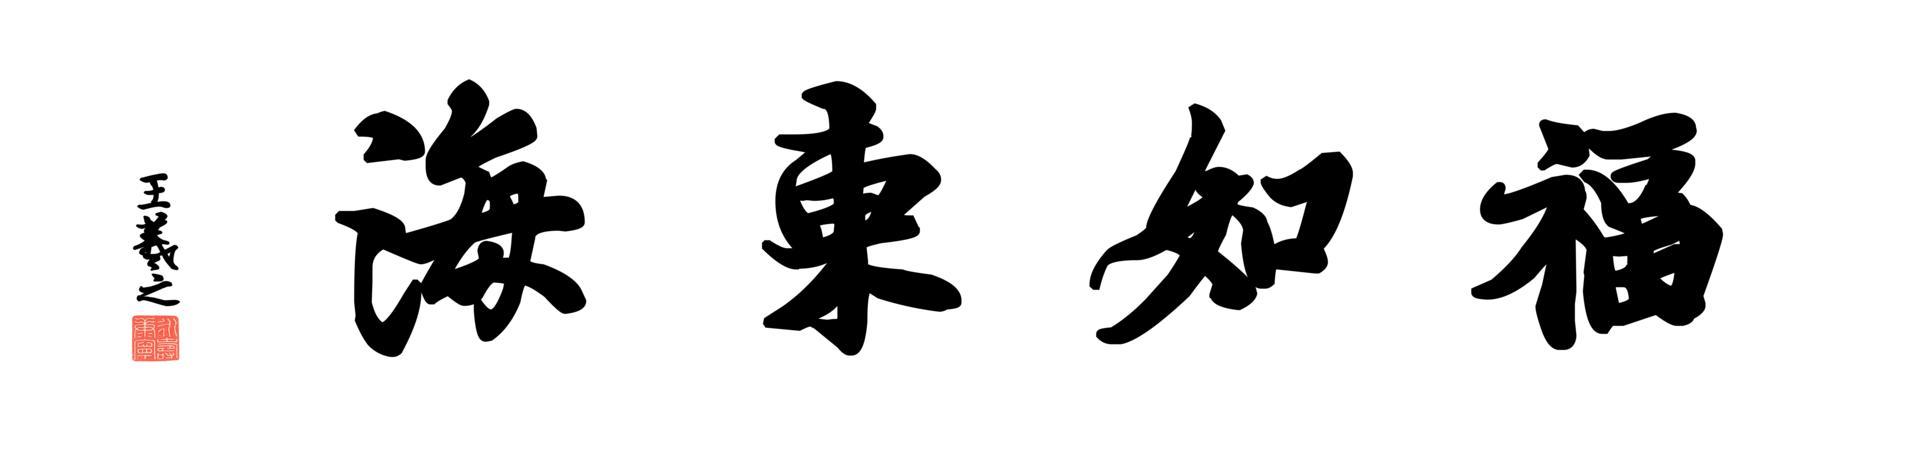 0047_王羲之兰亭体数字书法-四字横幅福如东海136x33cm_21417x5197PX_TIF_400DPI_326_0